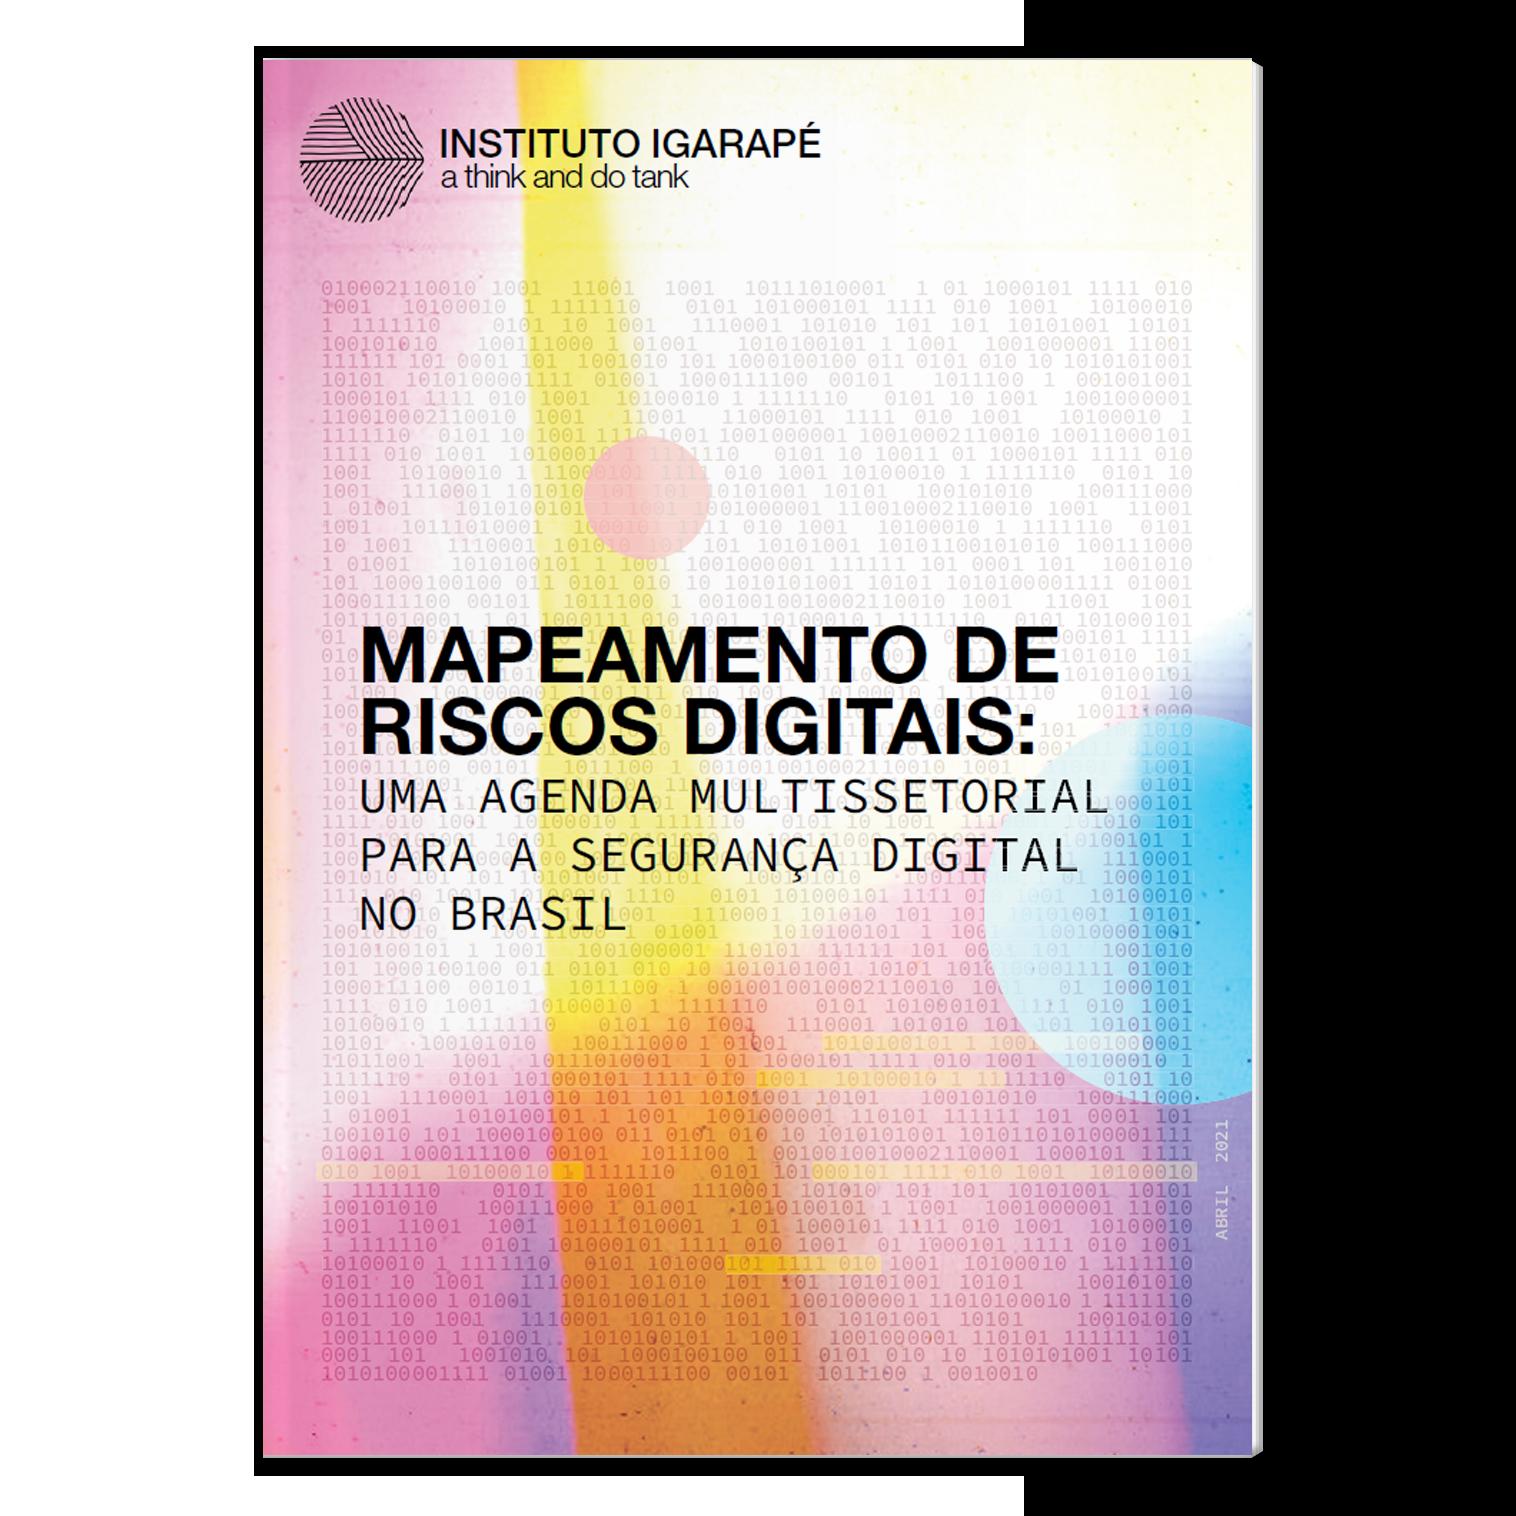 Agenda Segurança Digital